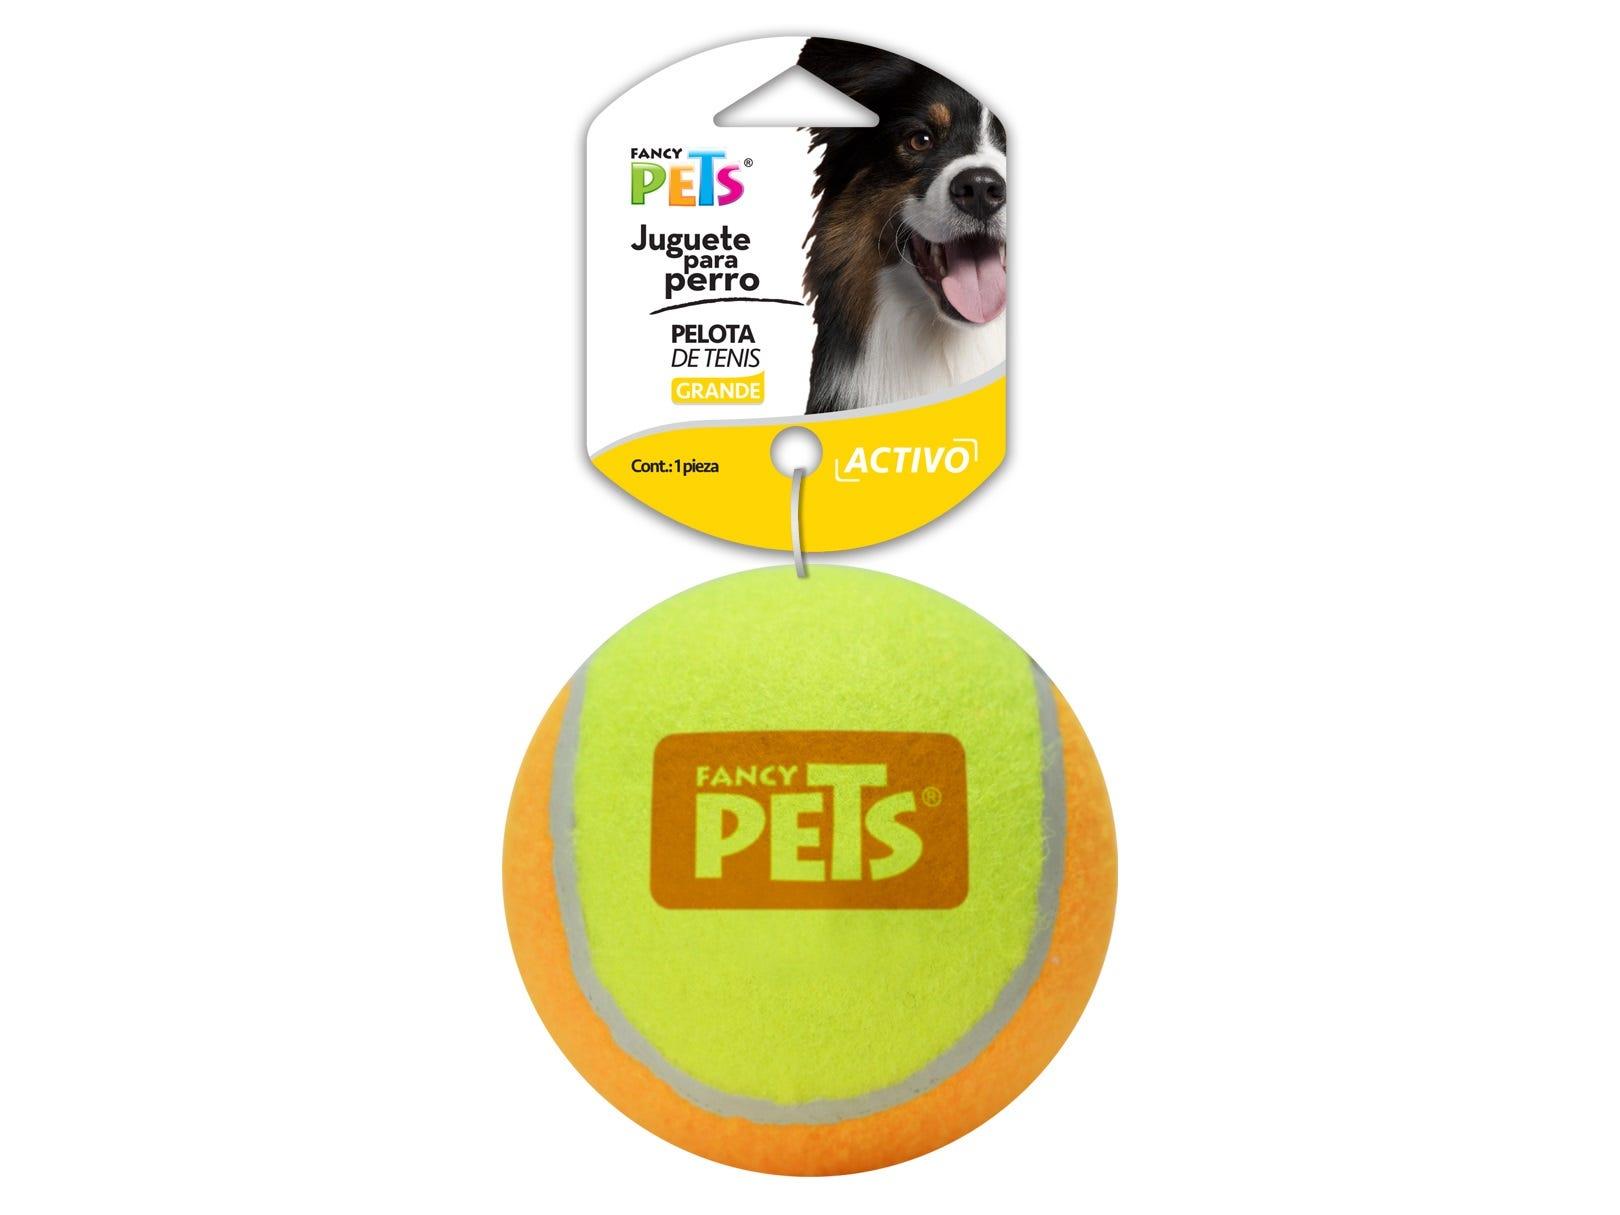 Pelota de tenis bicolor Fancy Pets® para perro